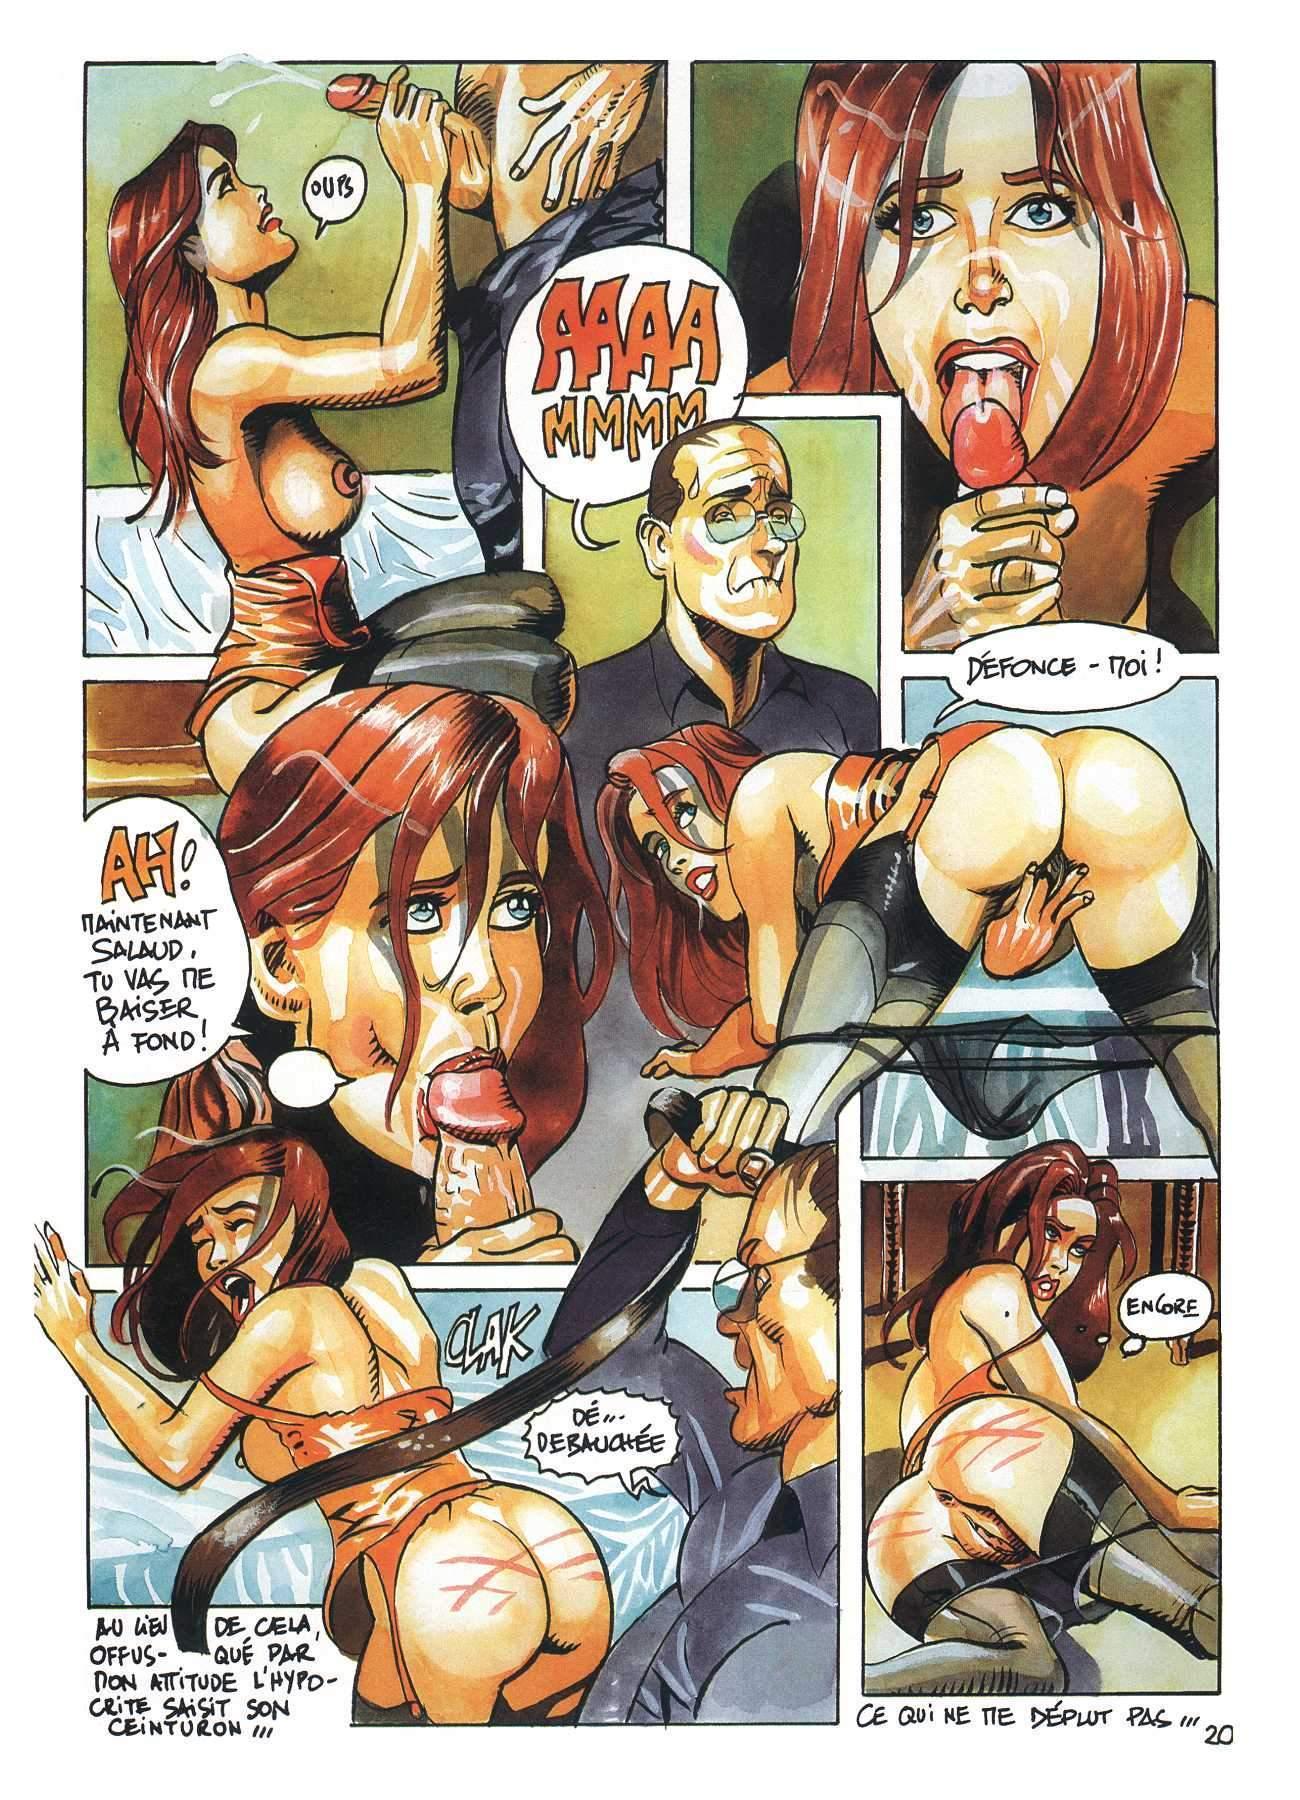 Посмотреть комиксы для взрослых 22 фотография